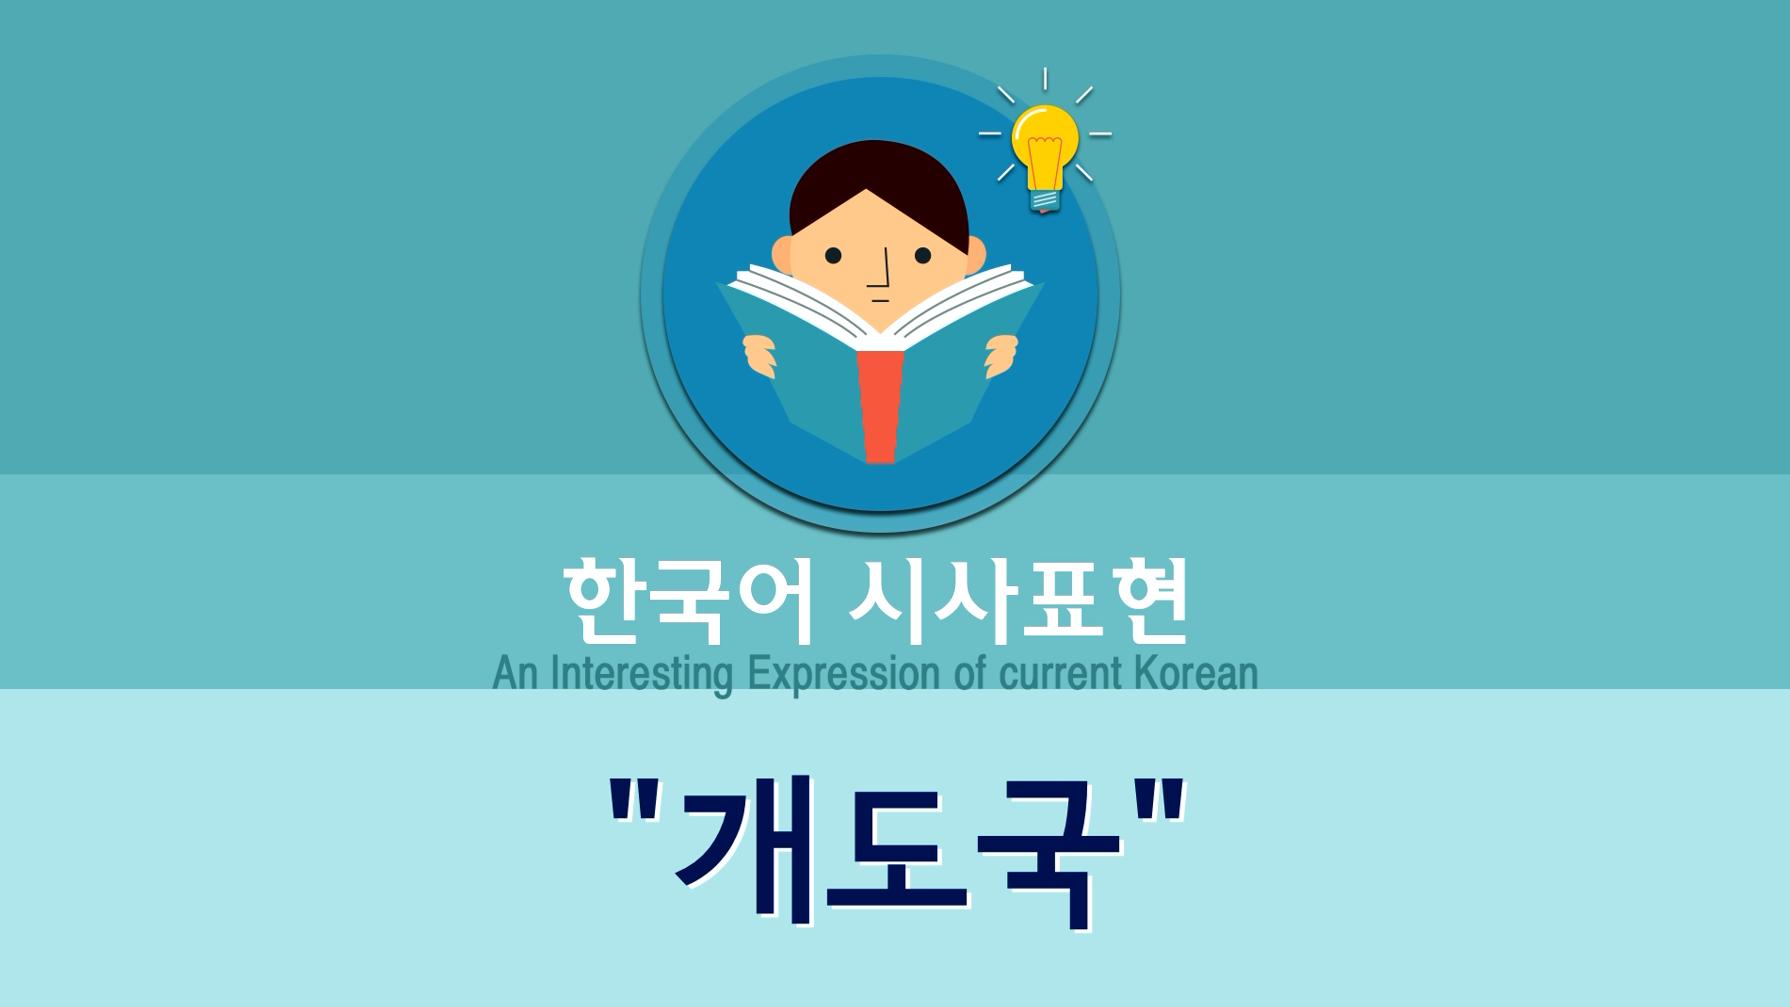 """[韩语时事表达]#20. 개도국(道上国):""""发展中国家""""的简称"""